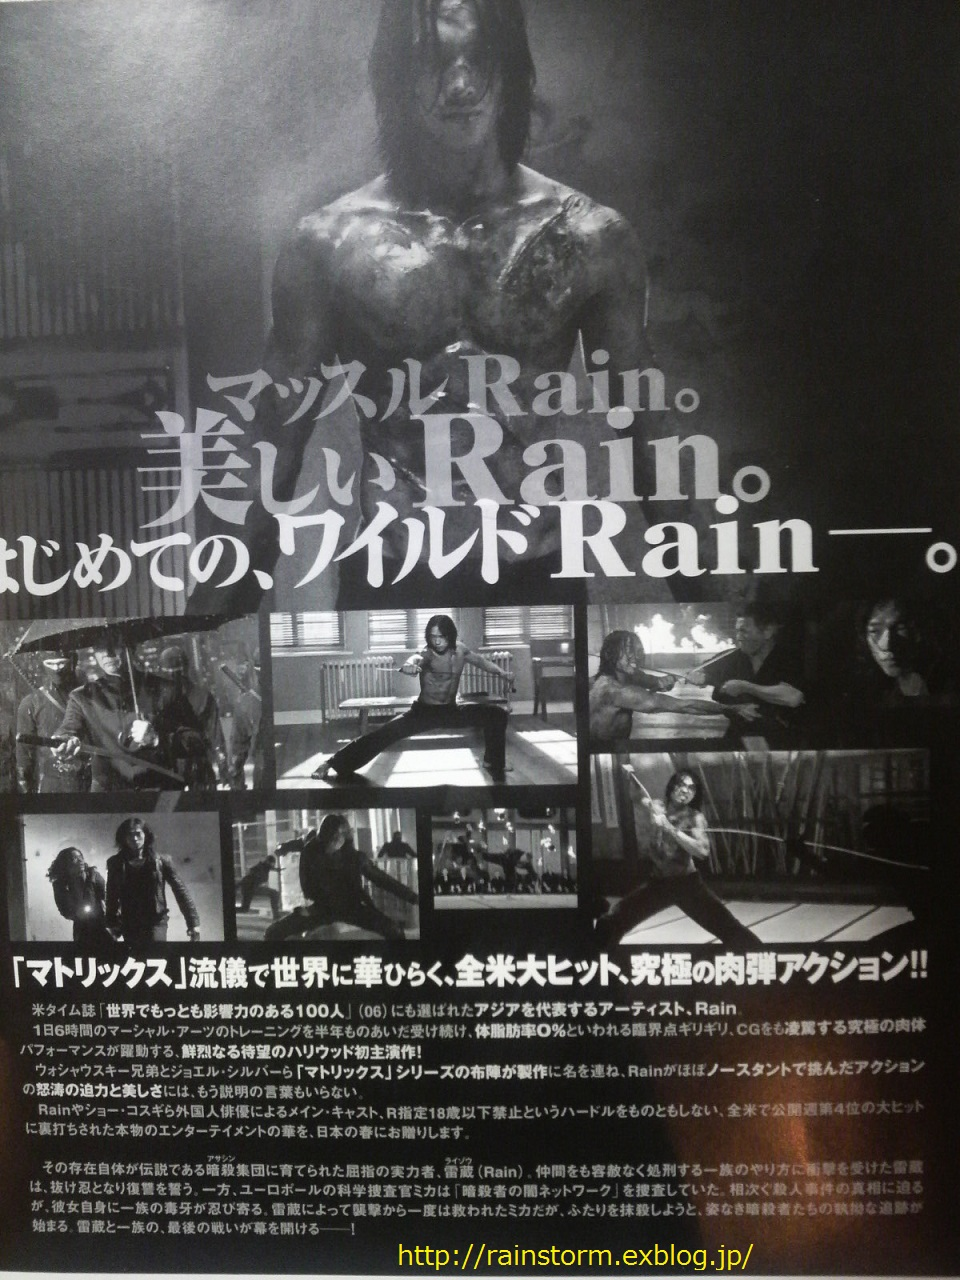 でた~~Rain Love Song 37 sec_c0047605_20212747.jpg